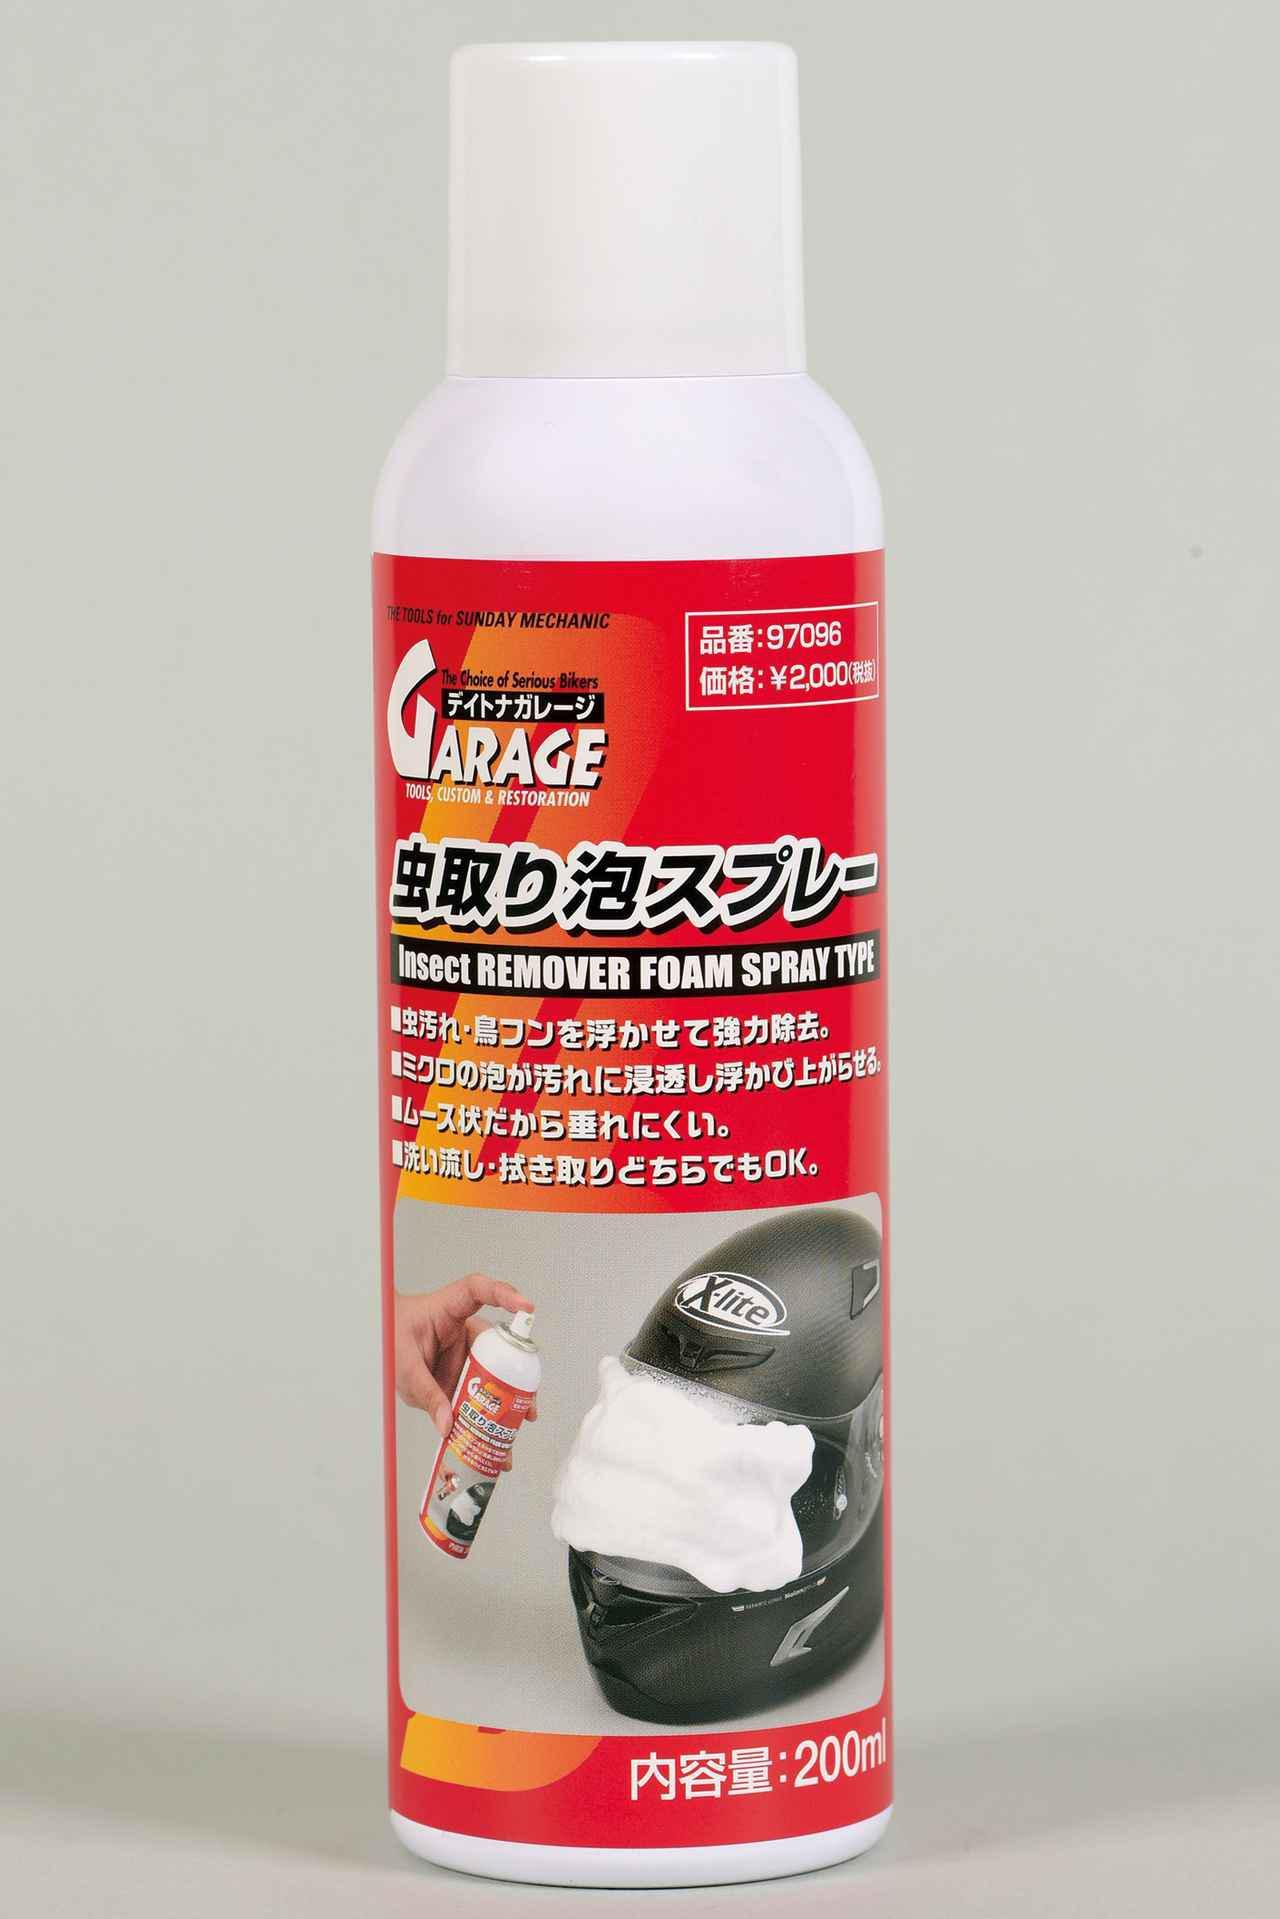 画像: シールド、スクリーン、塗装面にも使用可能。使用方法はスプレーして拭き取るだけだ。